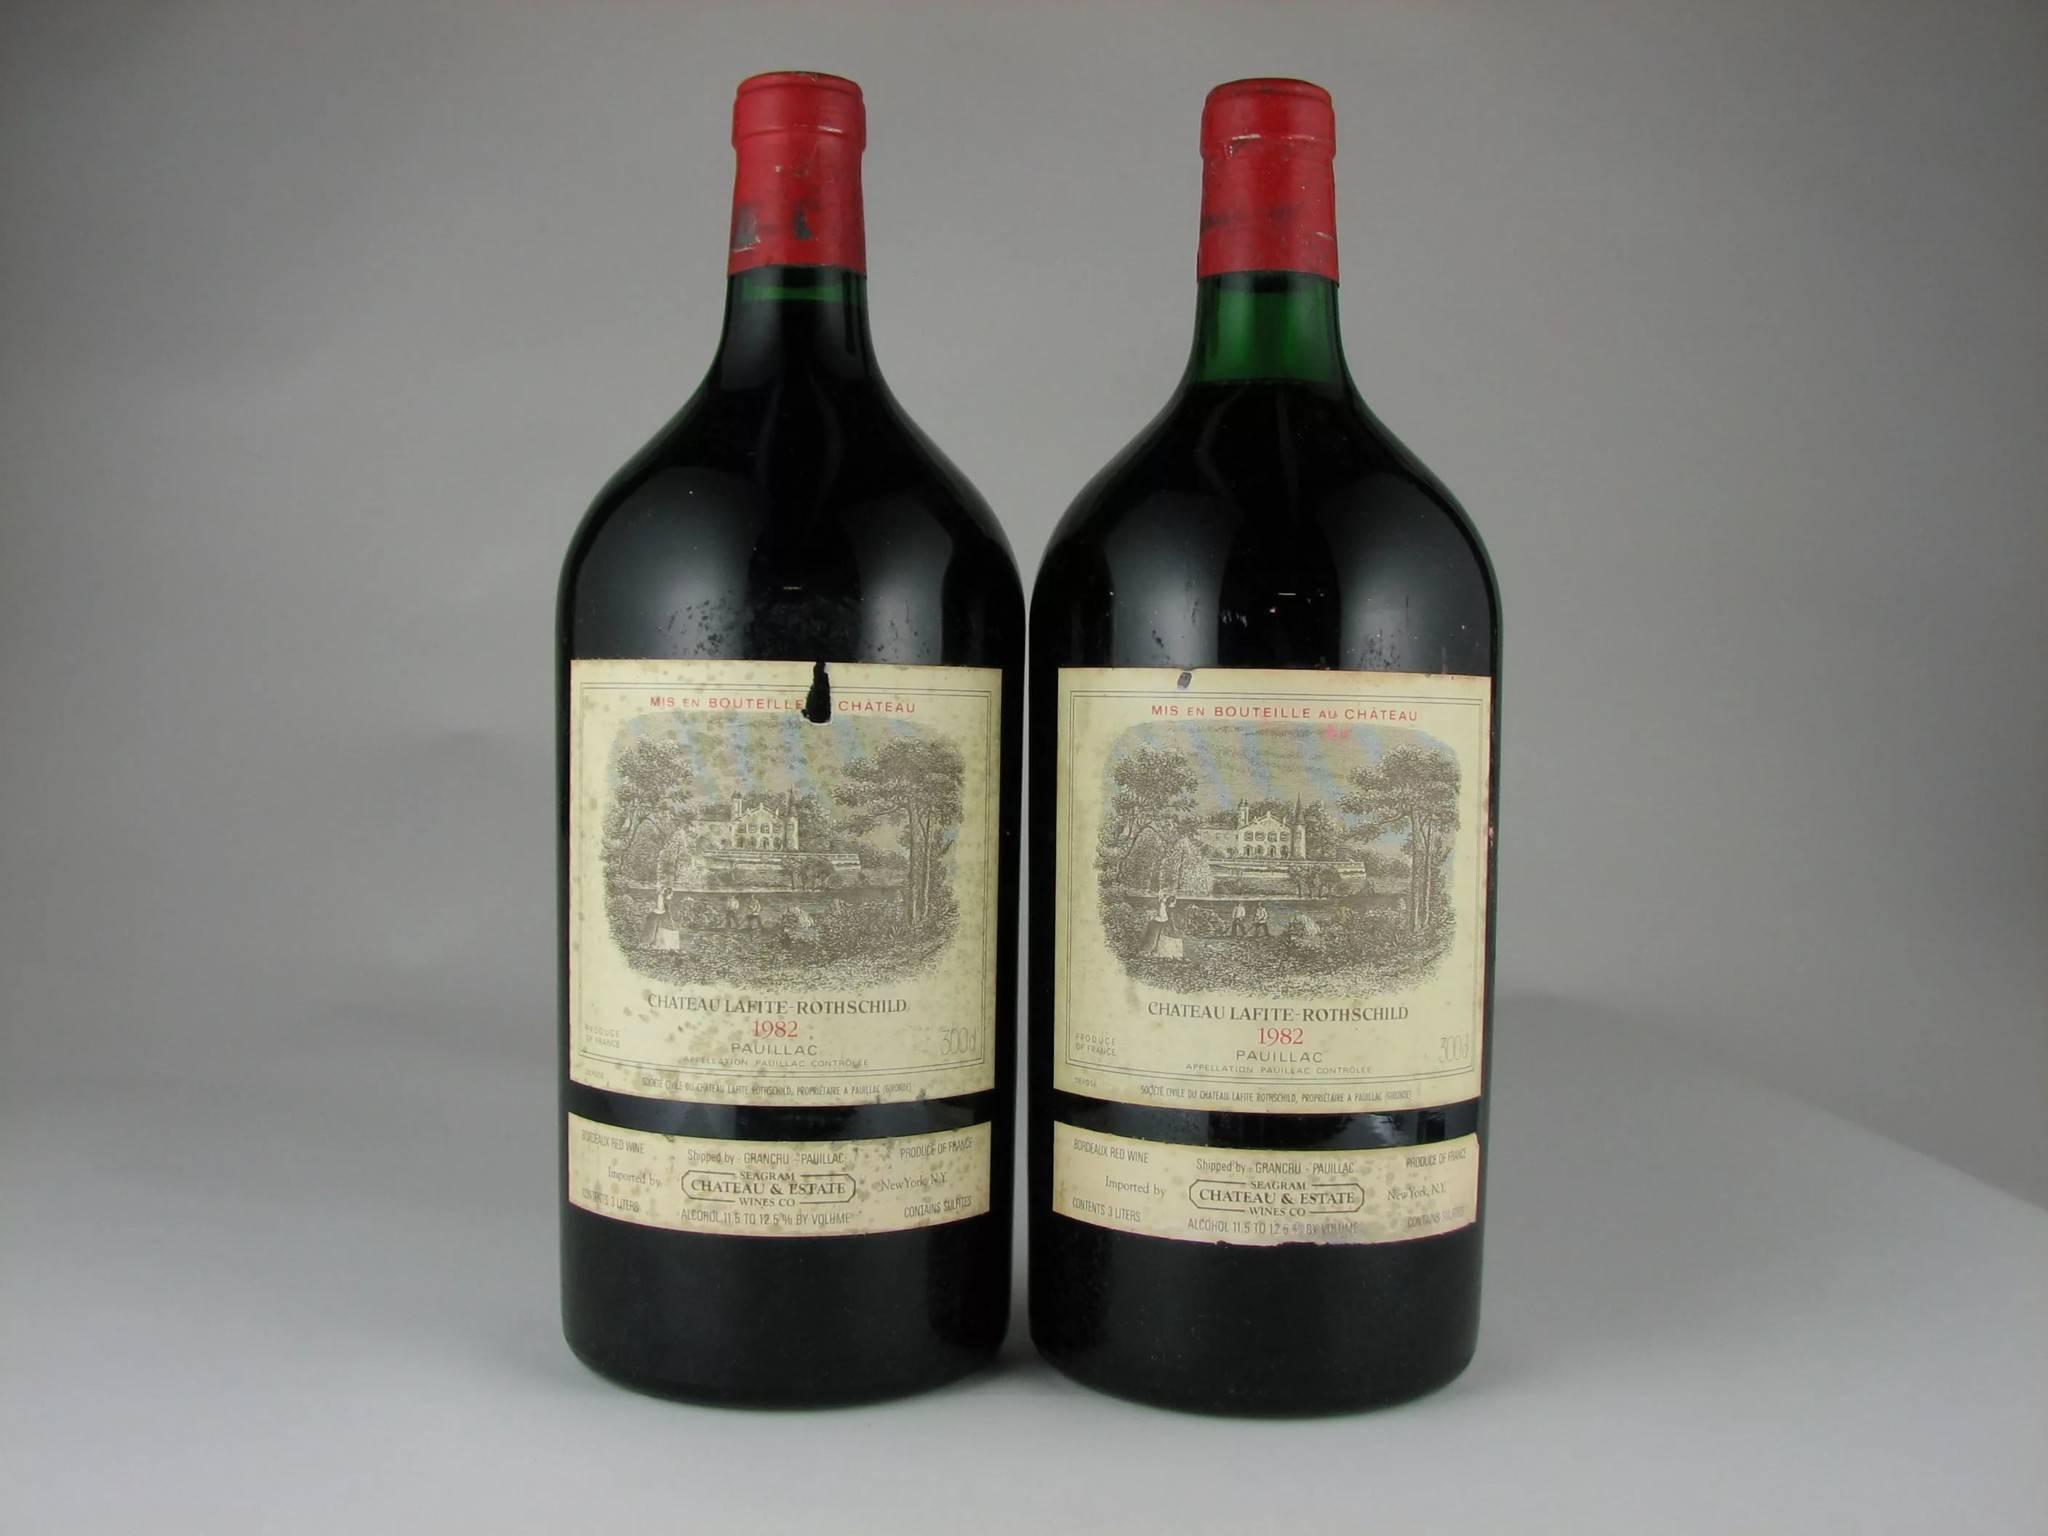 Вино: красное или белое, сухое или полусладкое - в чем их польза и вред